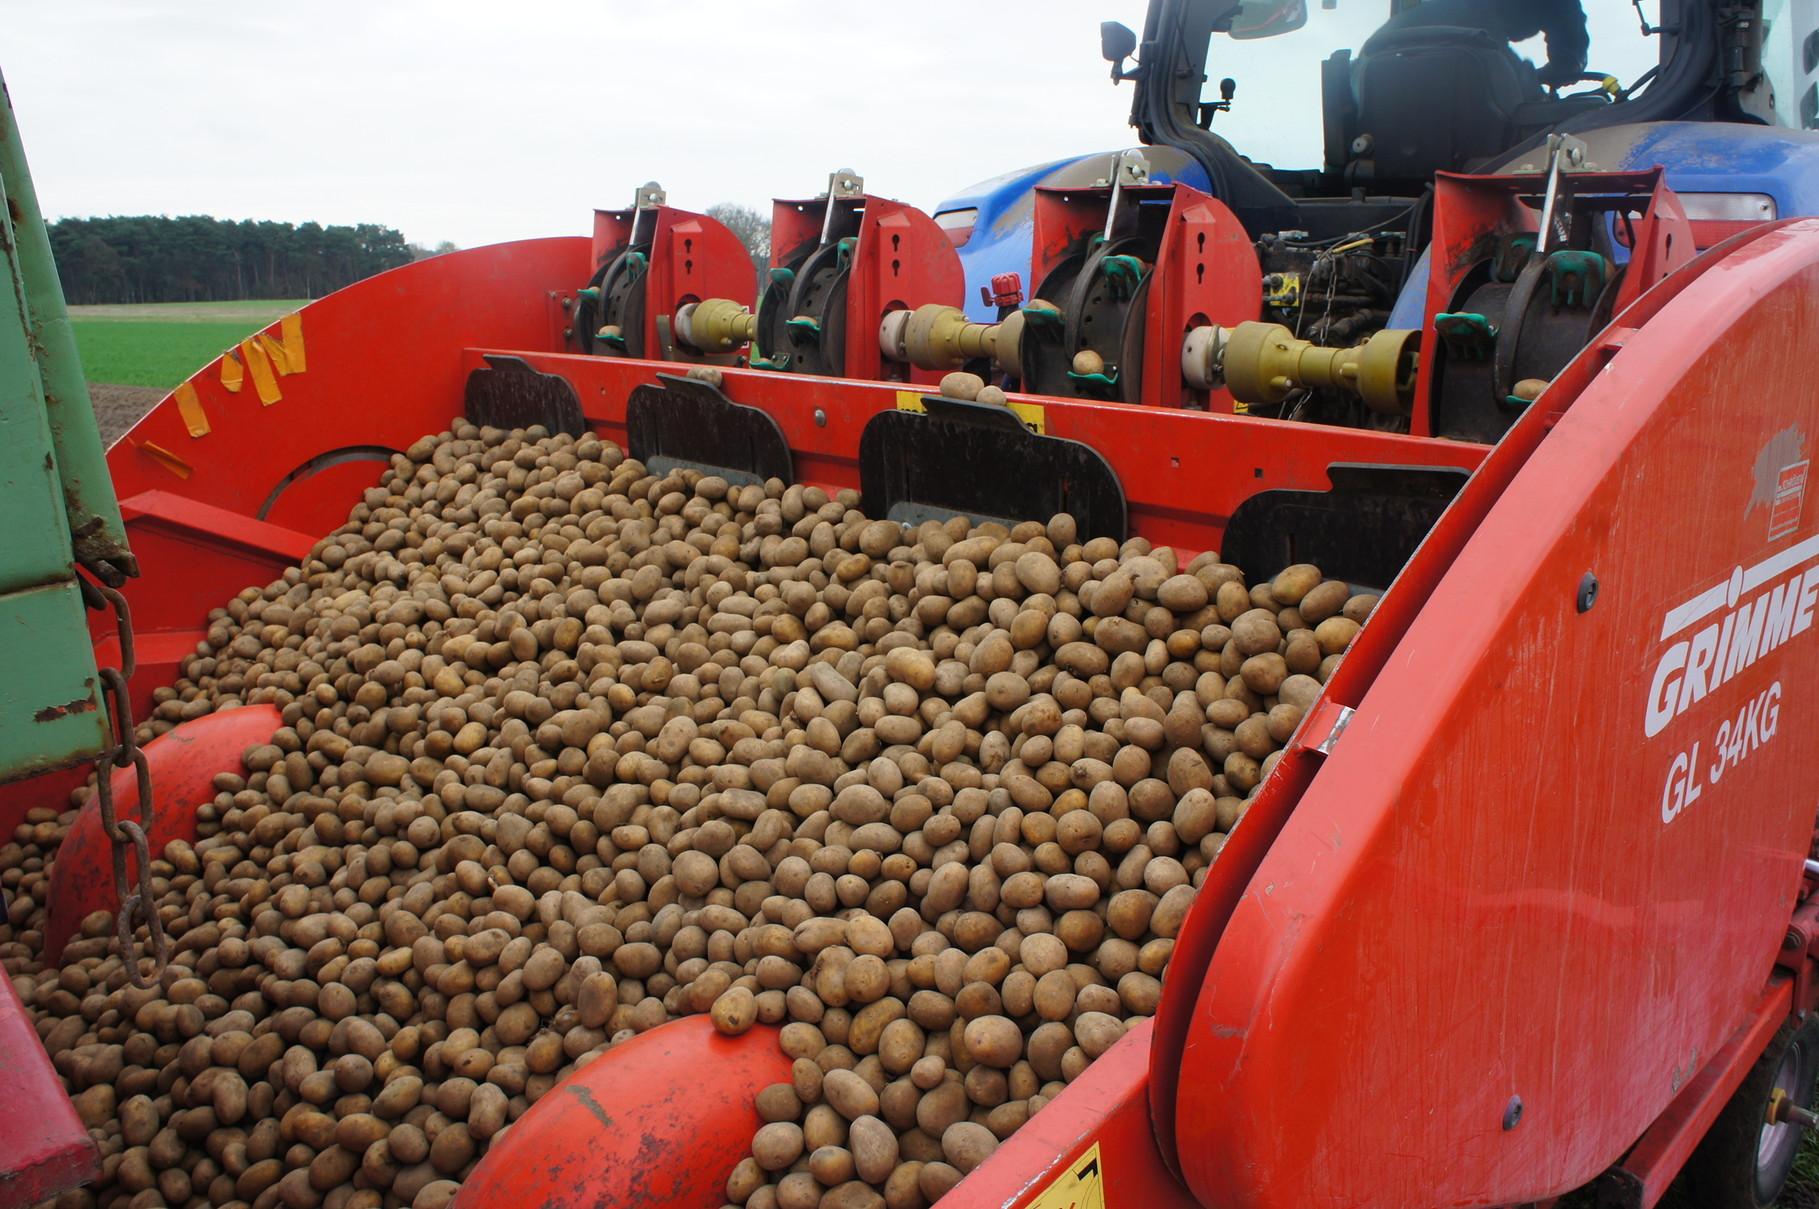 Kartoffelpflanzung-die befüllte Kartoffelpflanzmaschine